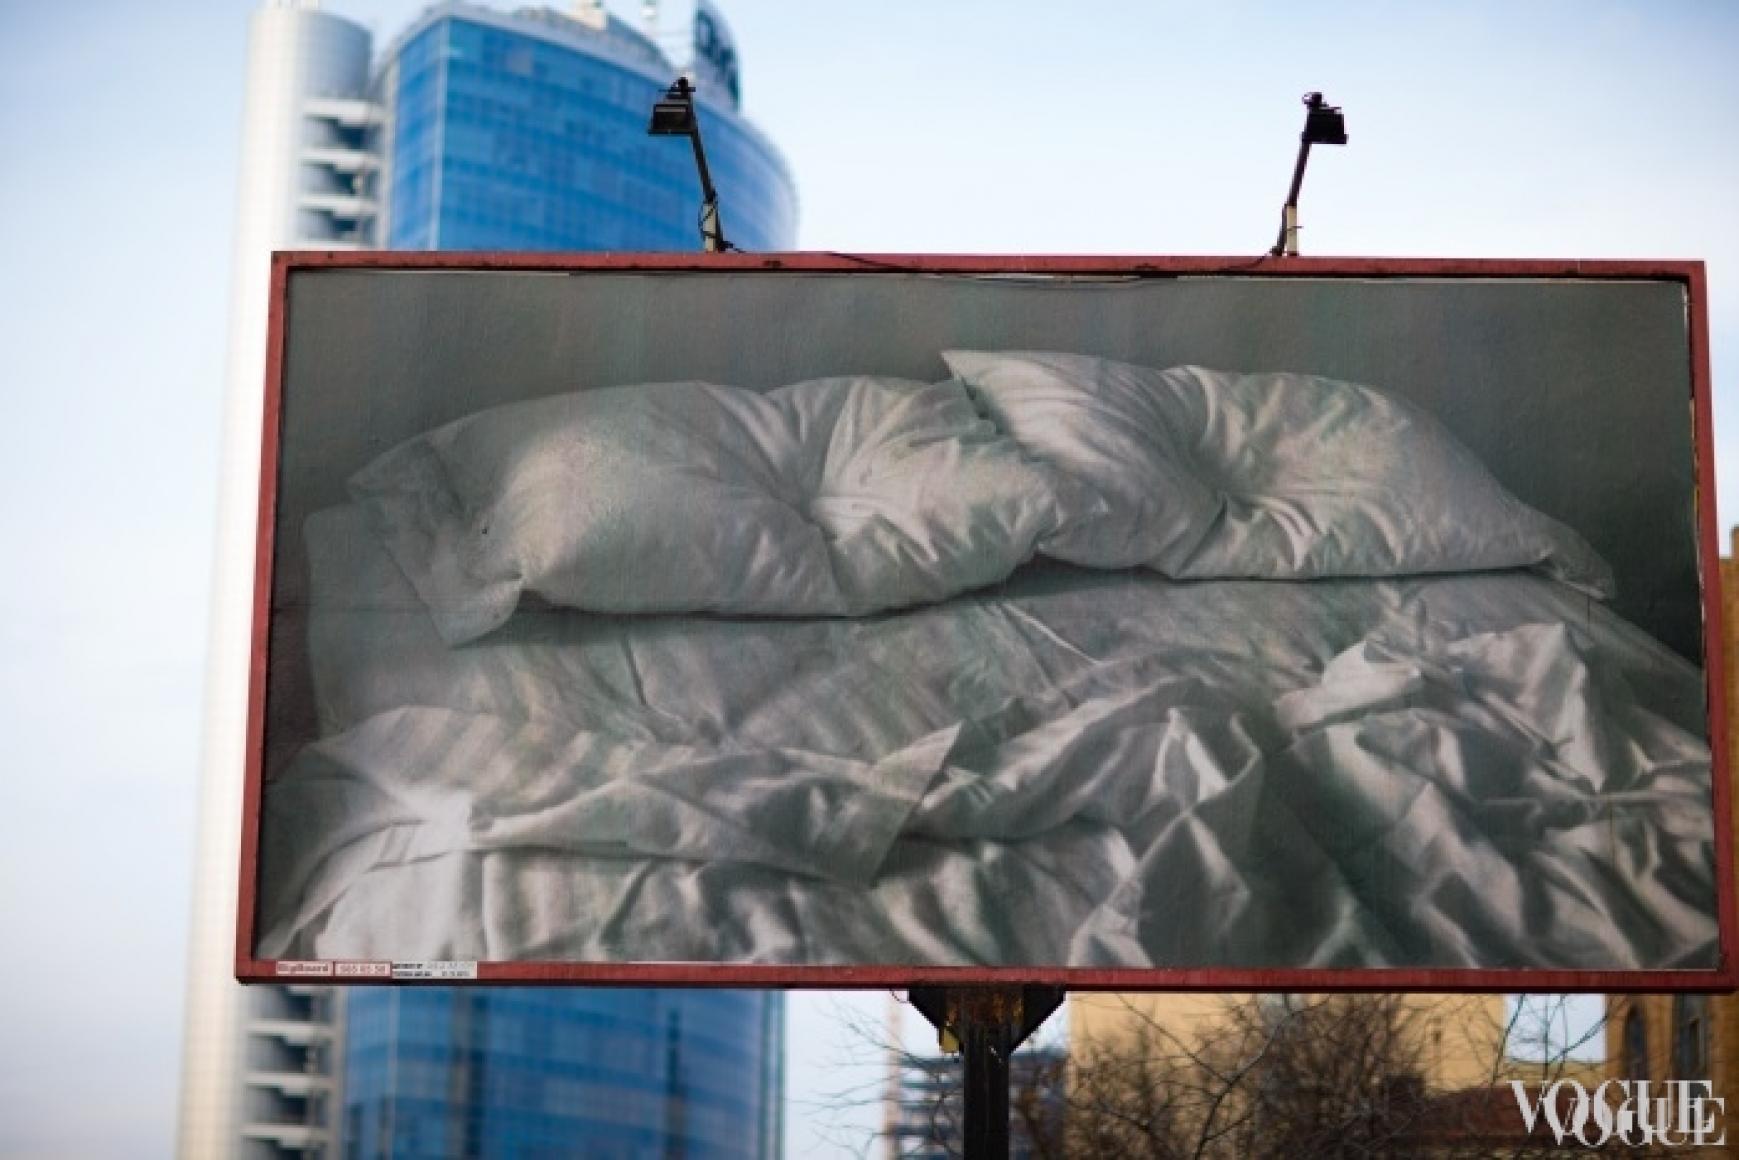 Работа Феликса Гонзалеса-Торреса на улицах Киева